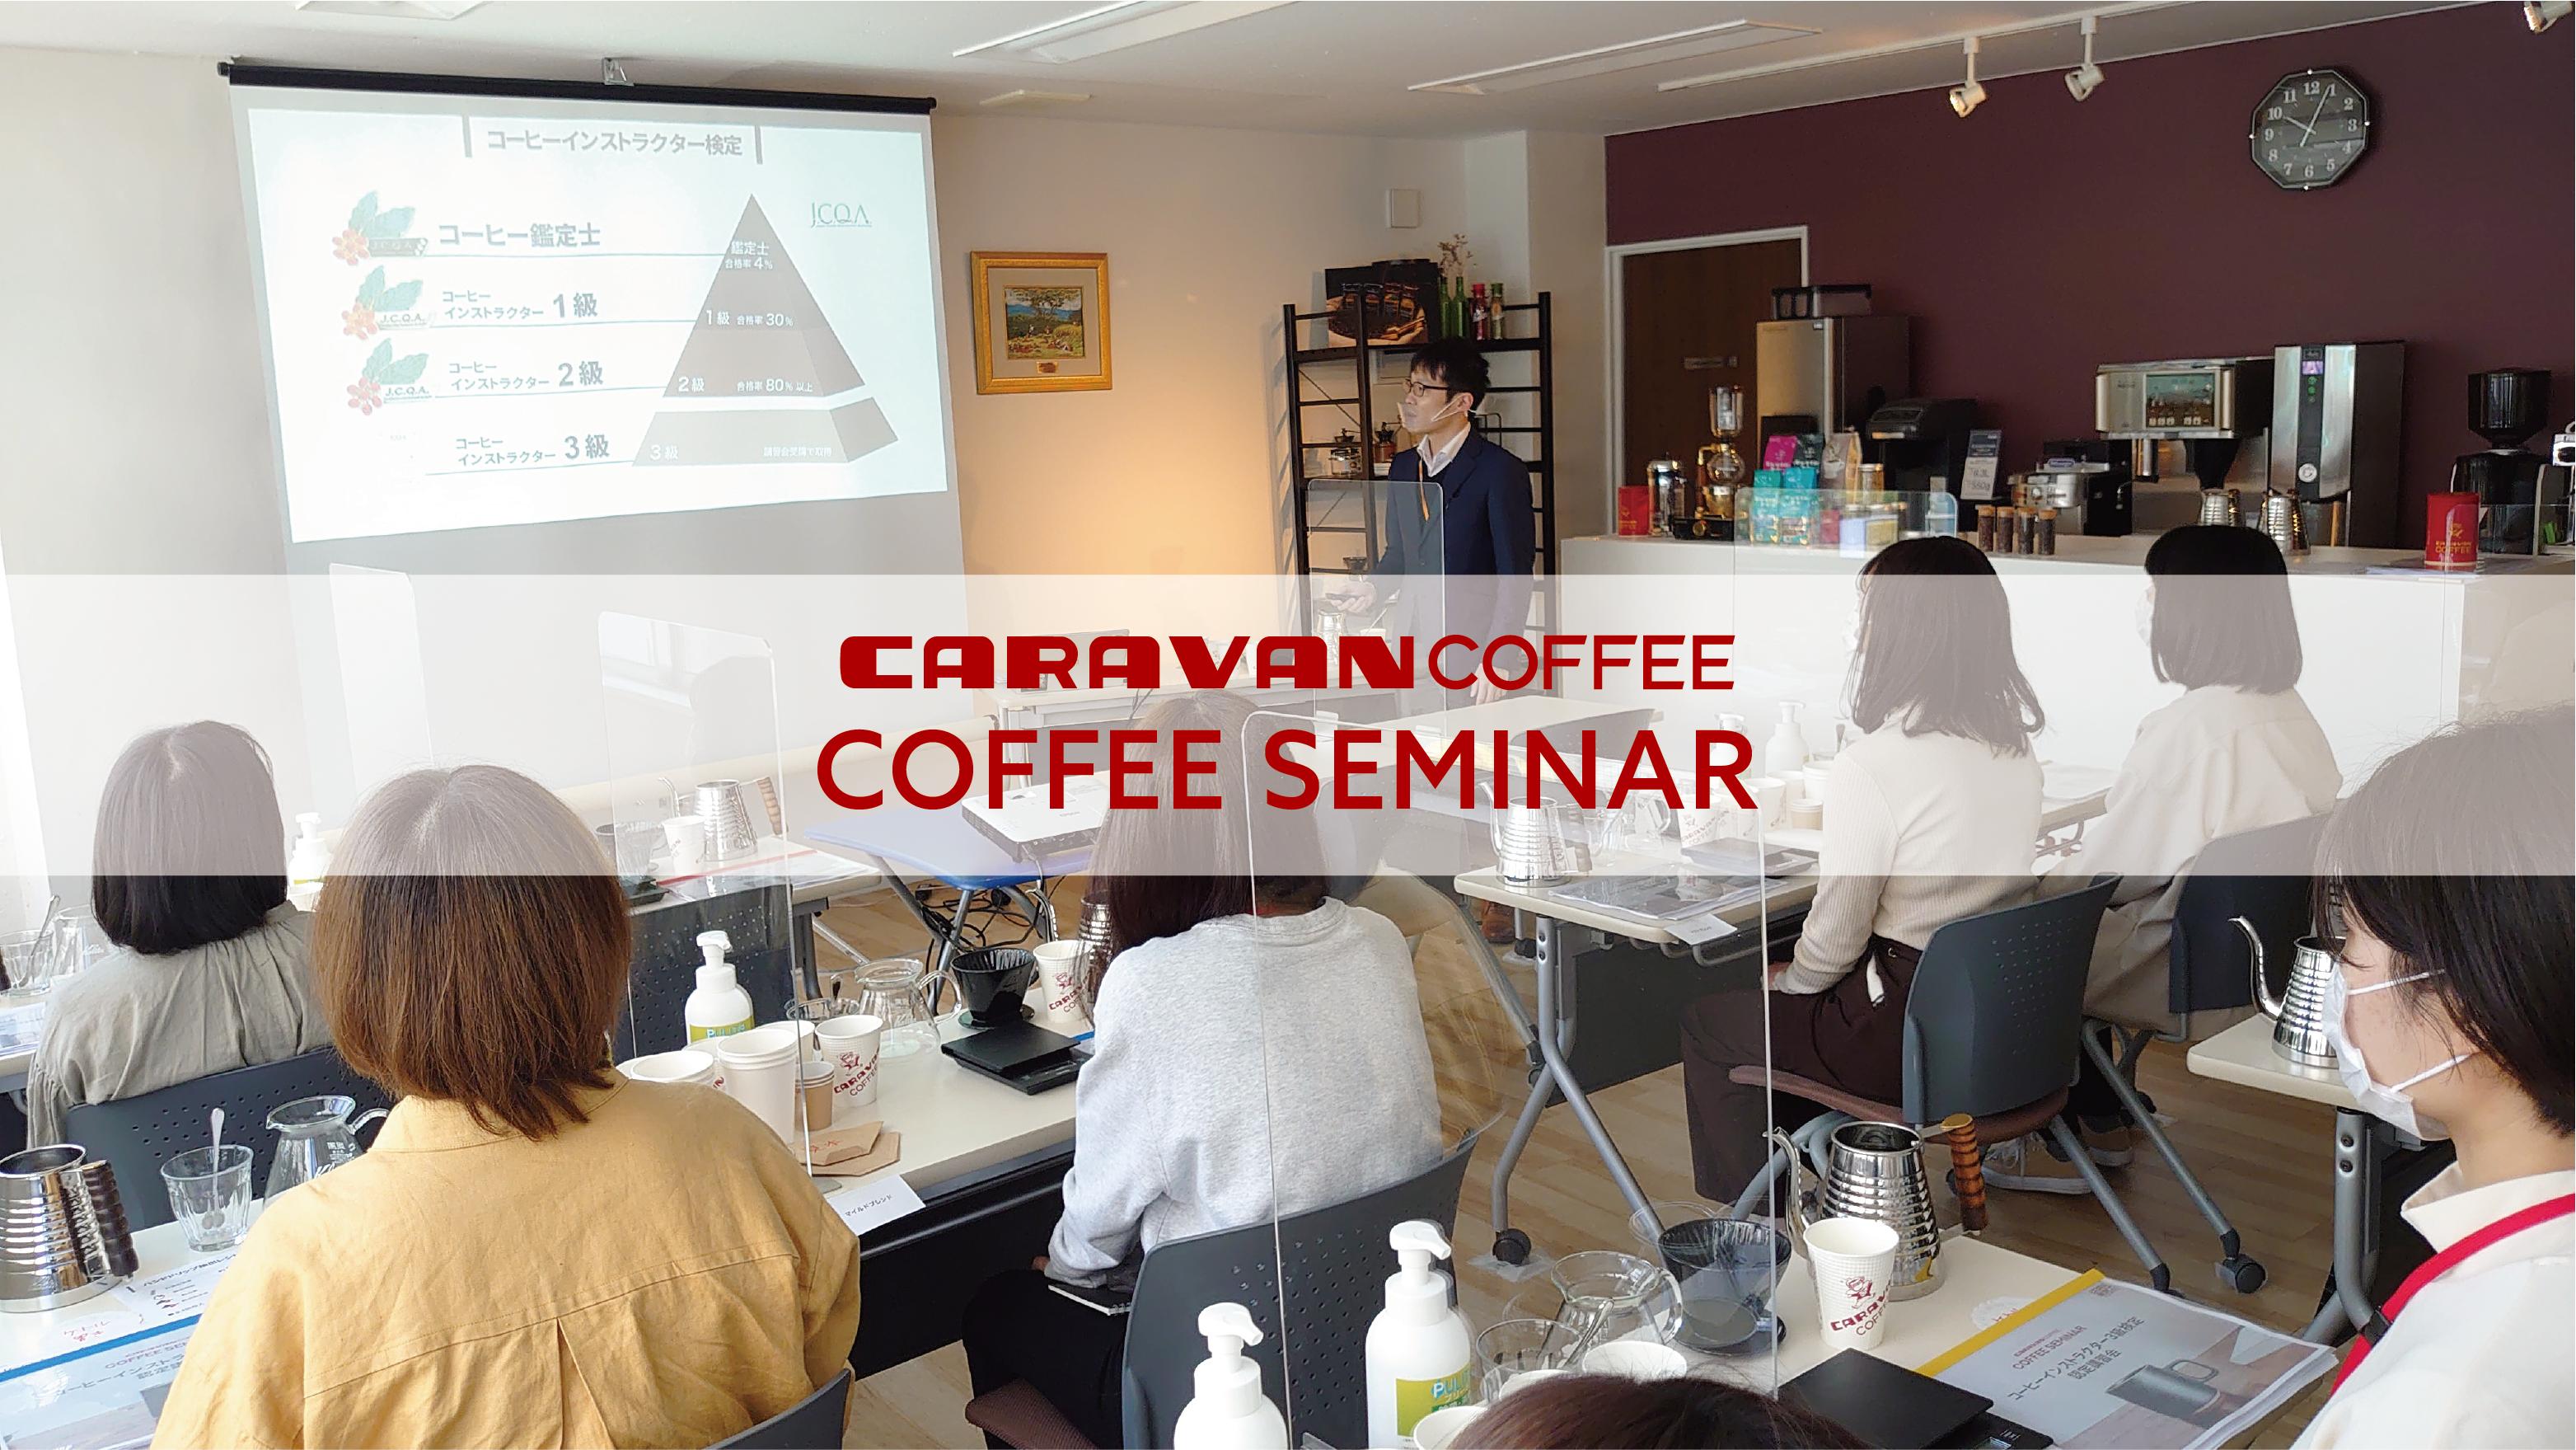 キャラバンコーヒー、コーヒーセミナー 「CARAVAN COFFEE SEMINAR」をスタート!!  J.C.Q.A.コーヒーインストラクター3級も取得できるセミナー1